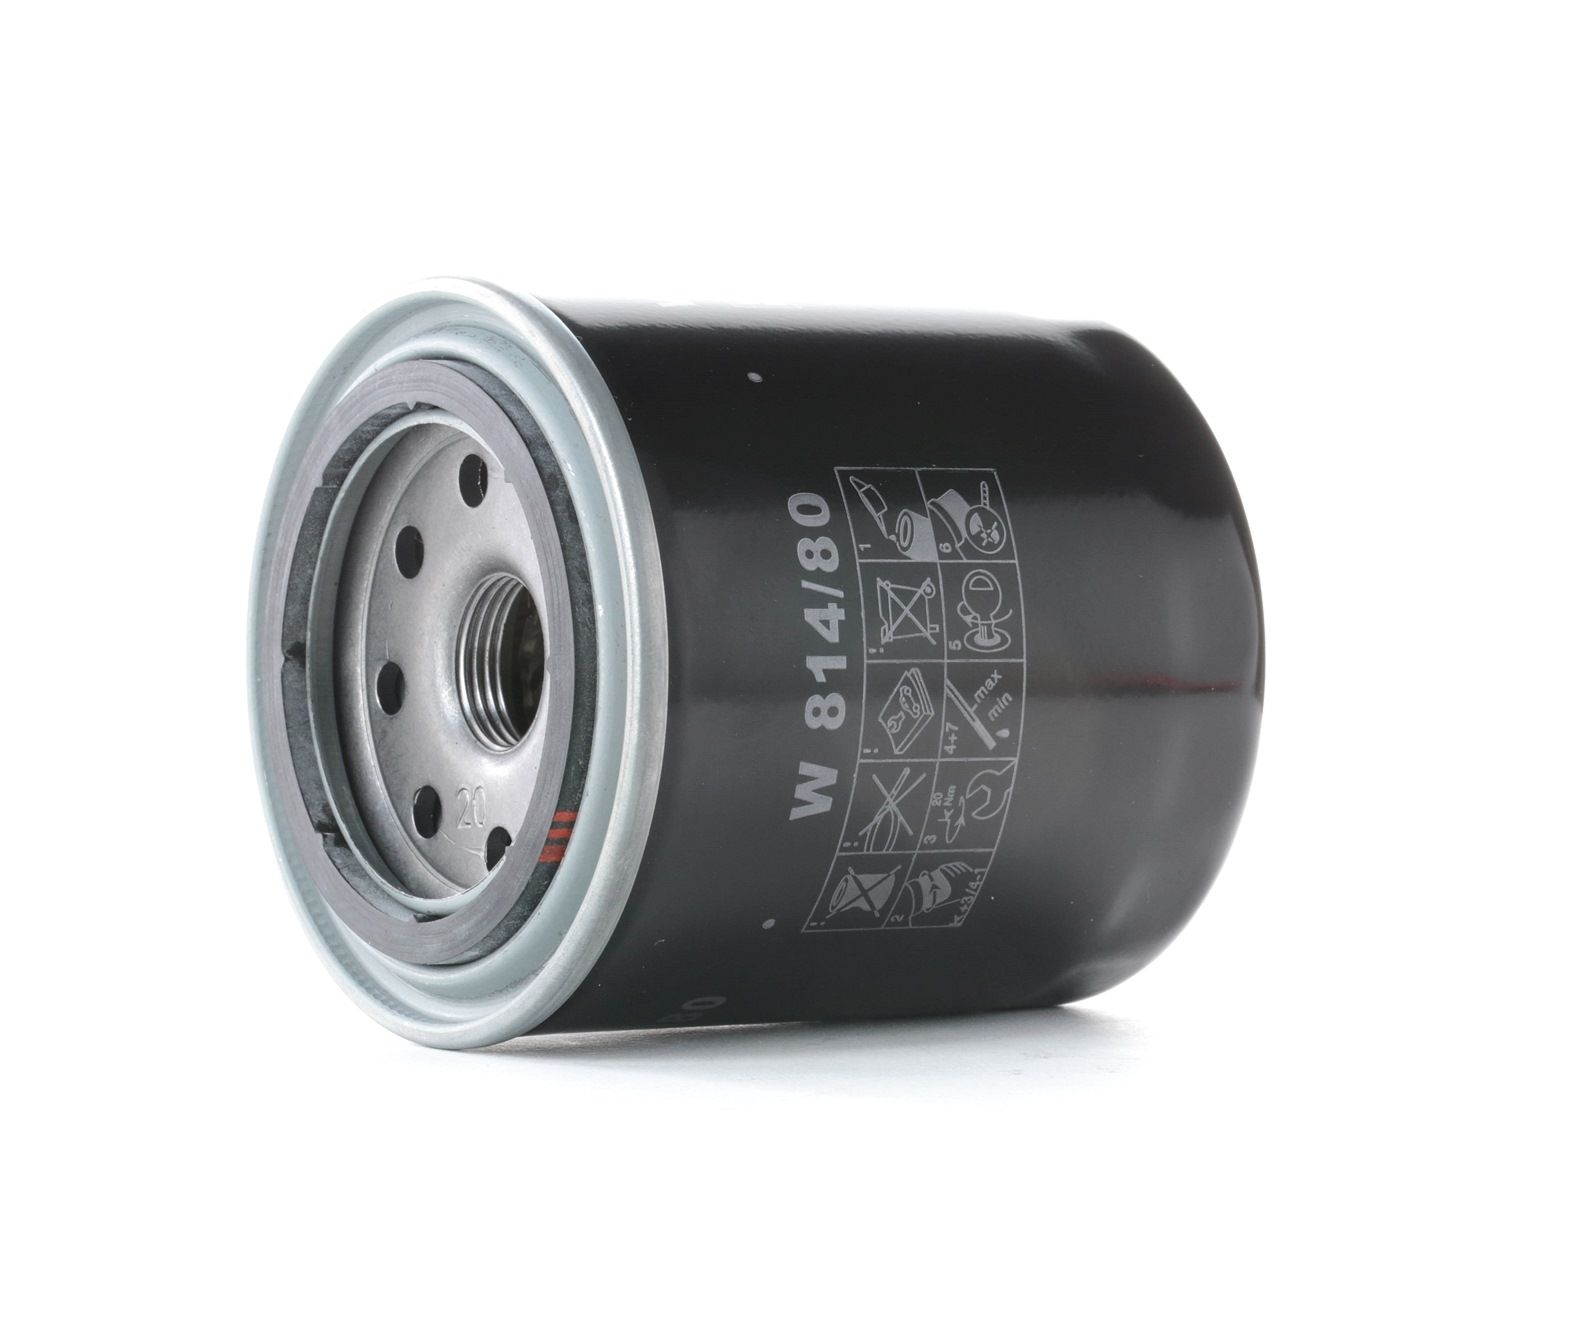 W 814/80 MANN-FILTER mit einem Rücklaufsperrventil Innendurchmesser 2: 57mm, Ø: 82mm, Außendurchmesser 2: 66mm, Höhe: 92mm Ölfilter W 814/80 günstig kaufen